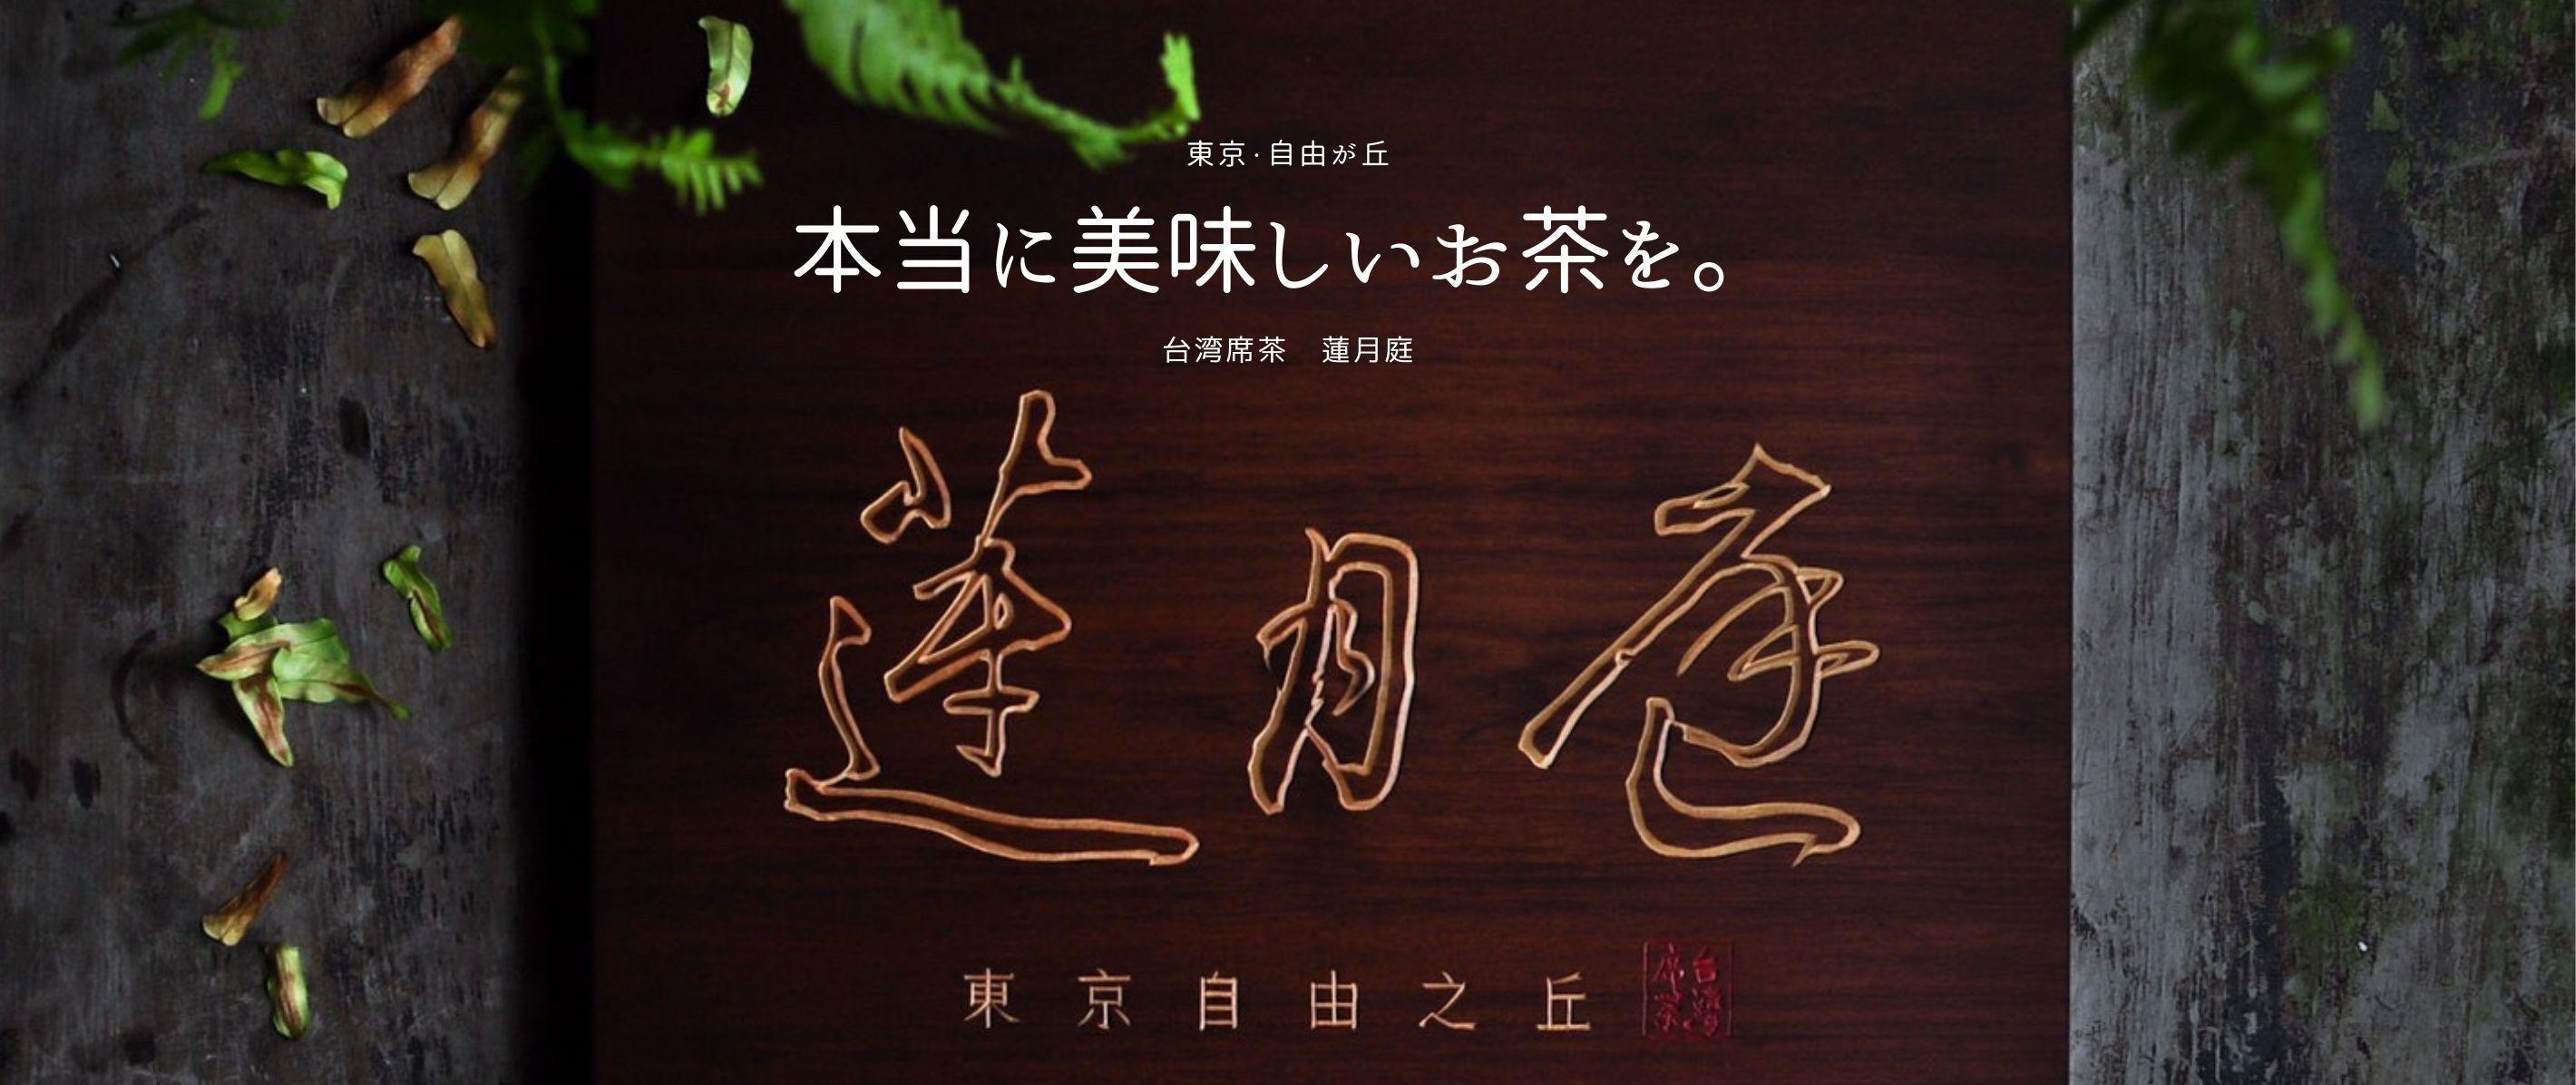 自由が丘「台湾席茶 蓮月庭」オンラインショップ